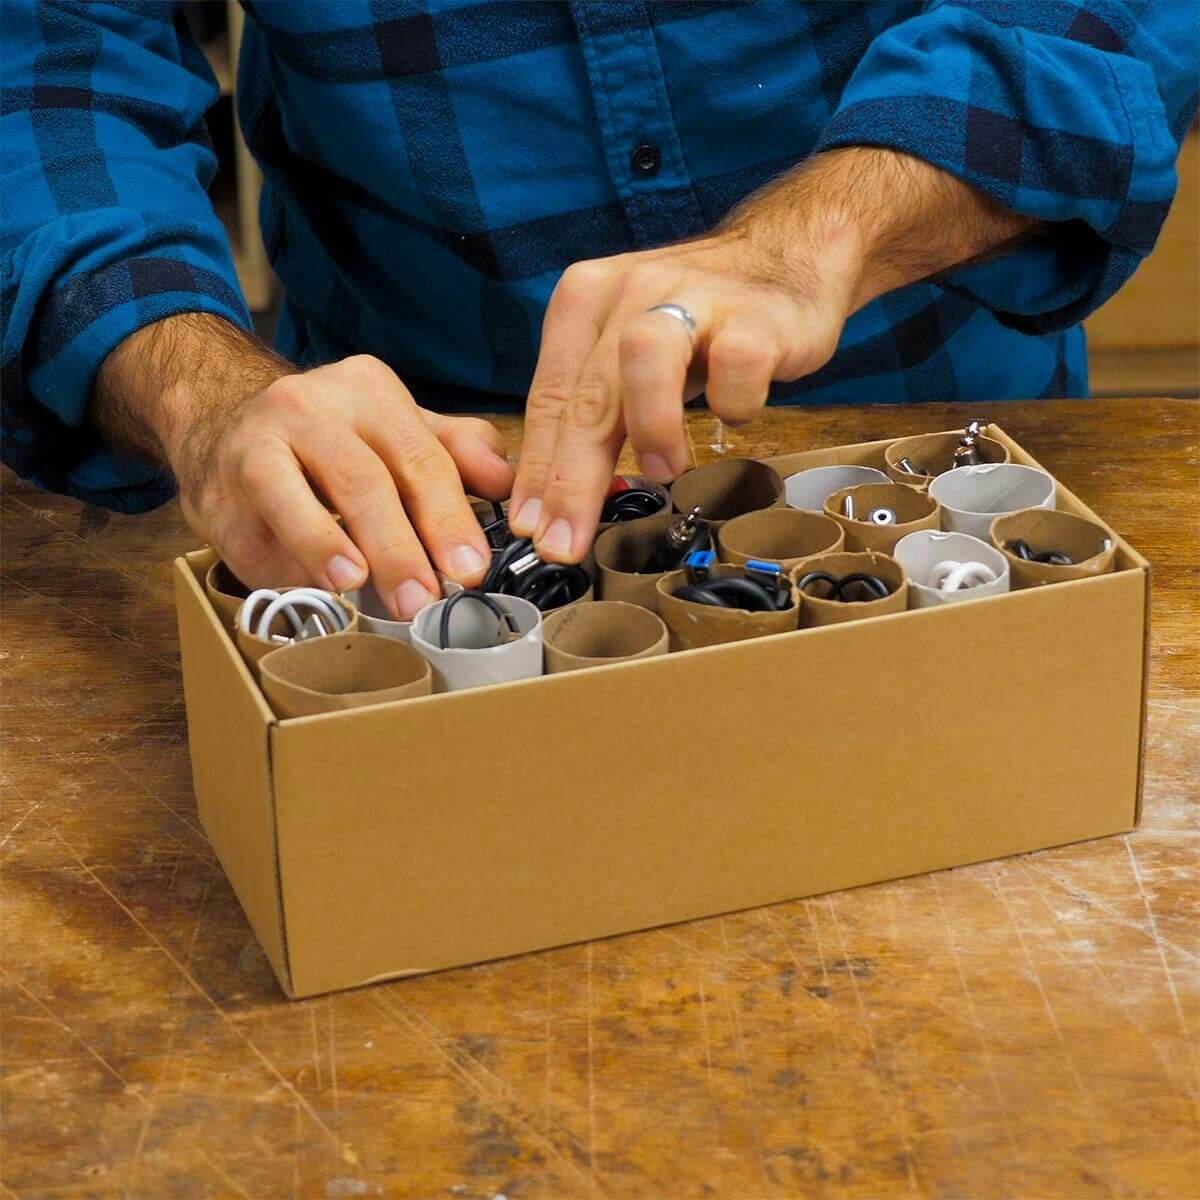 Organiser sa maison : de l'ordre dans vos câbles d'alimentation.